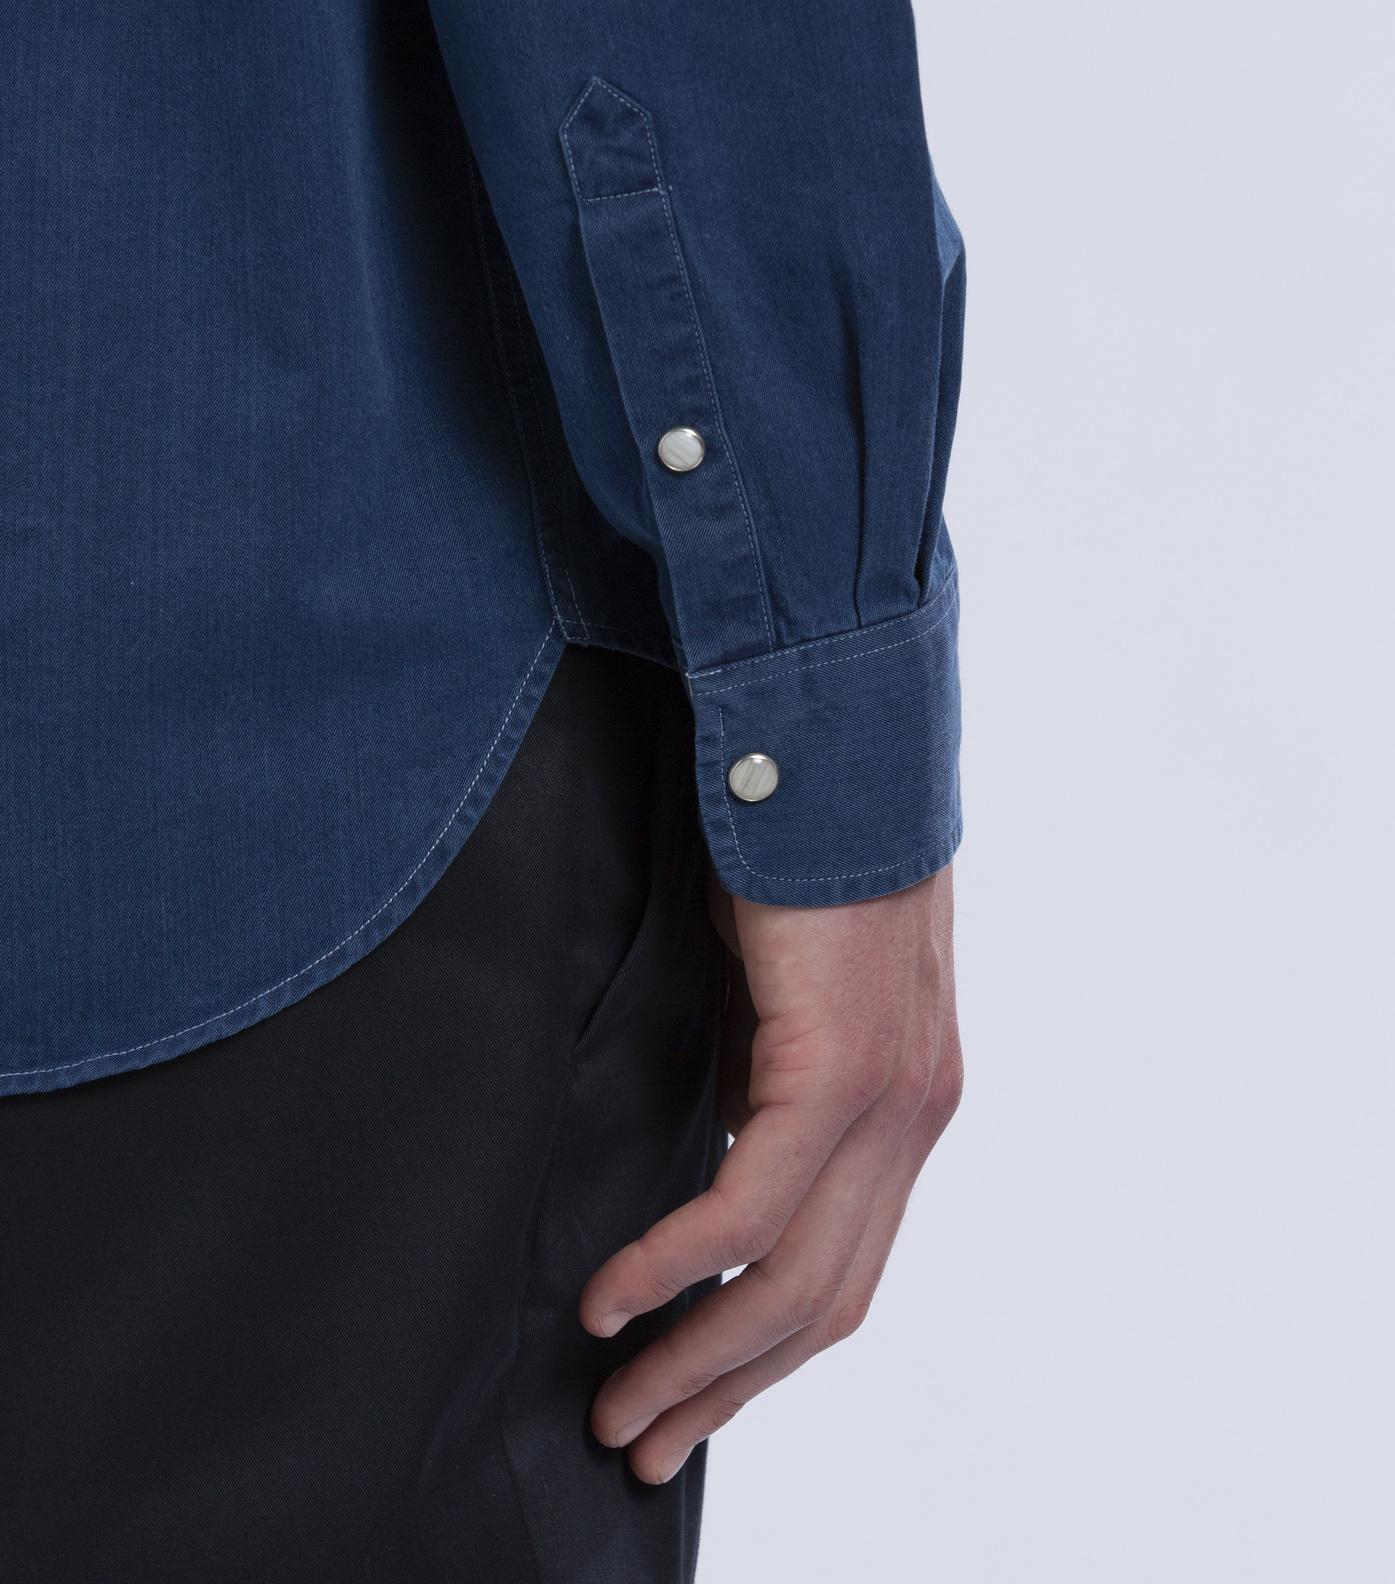 SUR-CHEMISE BLANQUI - Bleu jean